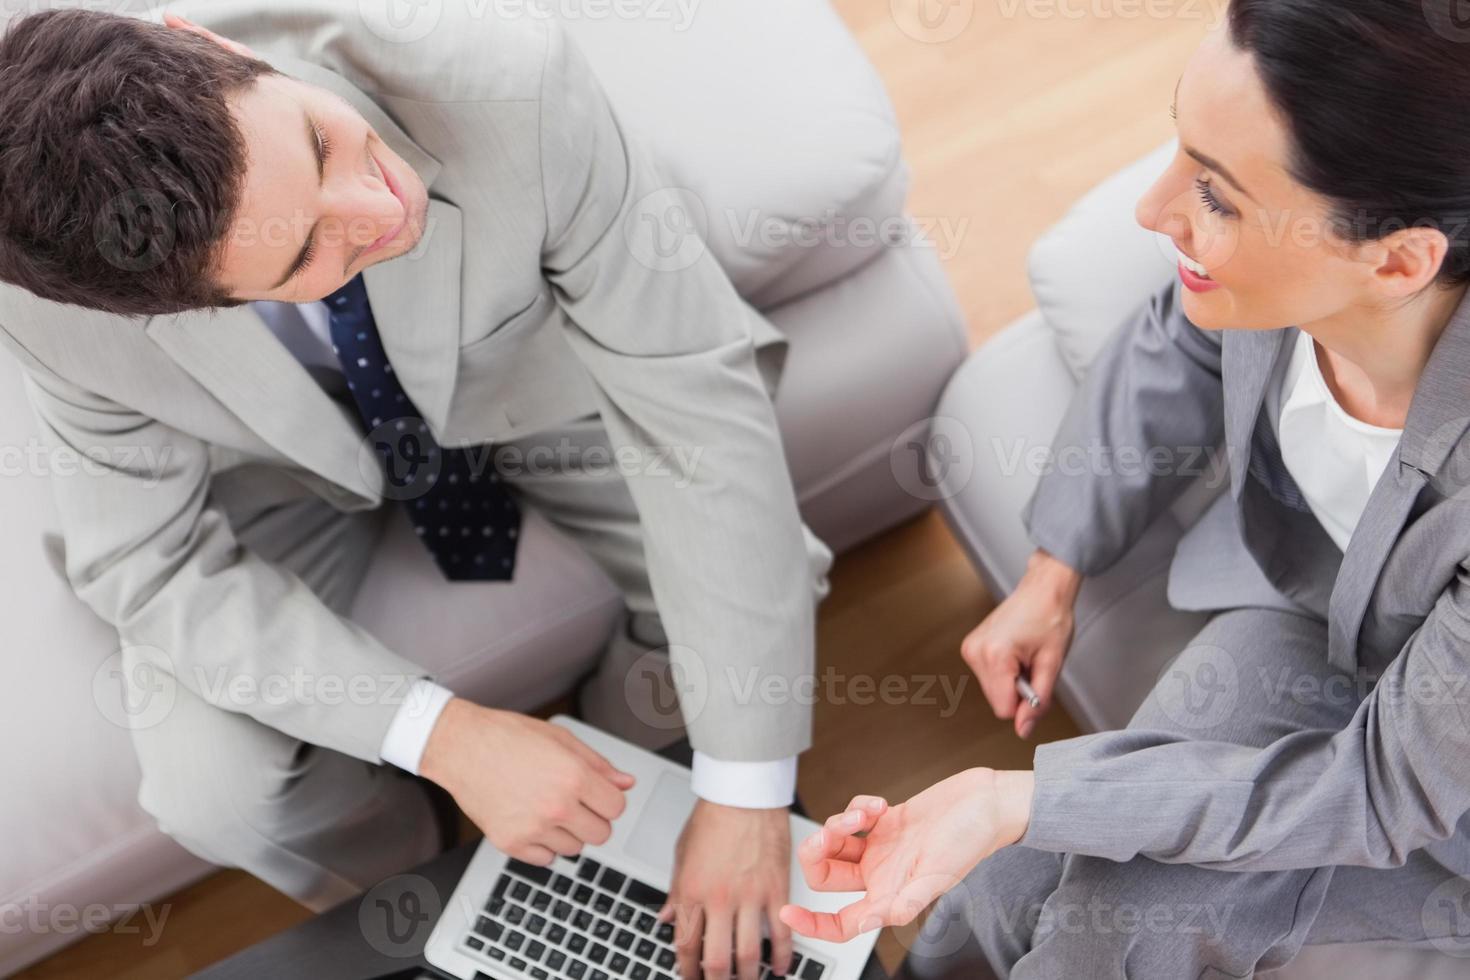 colleghe sorridenti parlando e usando il portatile seduto sul divano foto